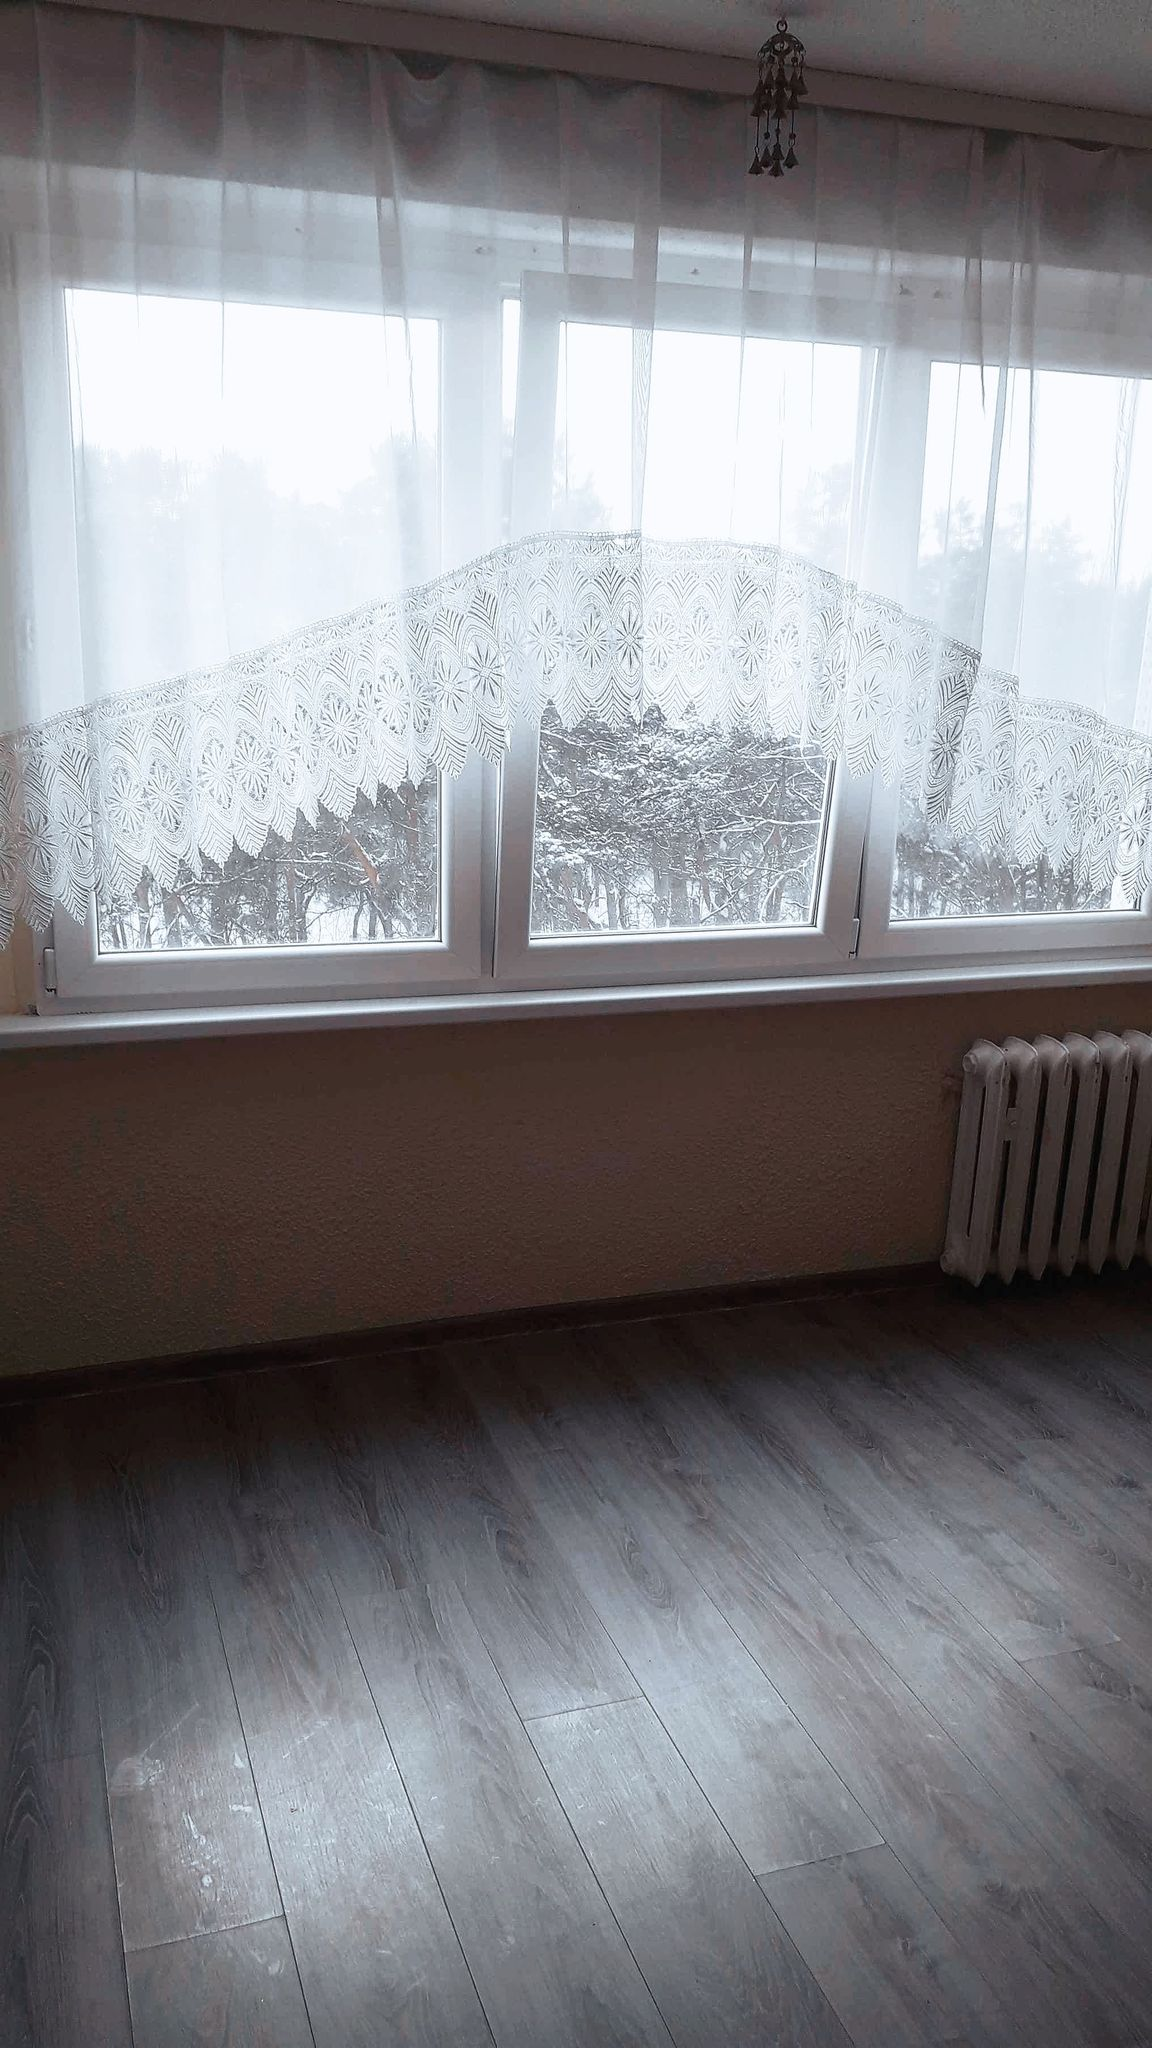 MIeszkanie na sprzedaz Wloclawek Zazamcze